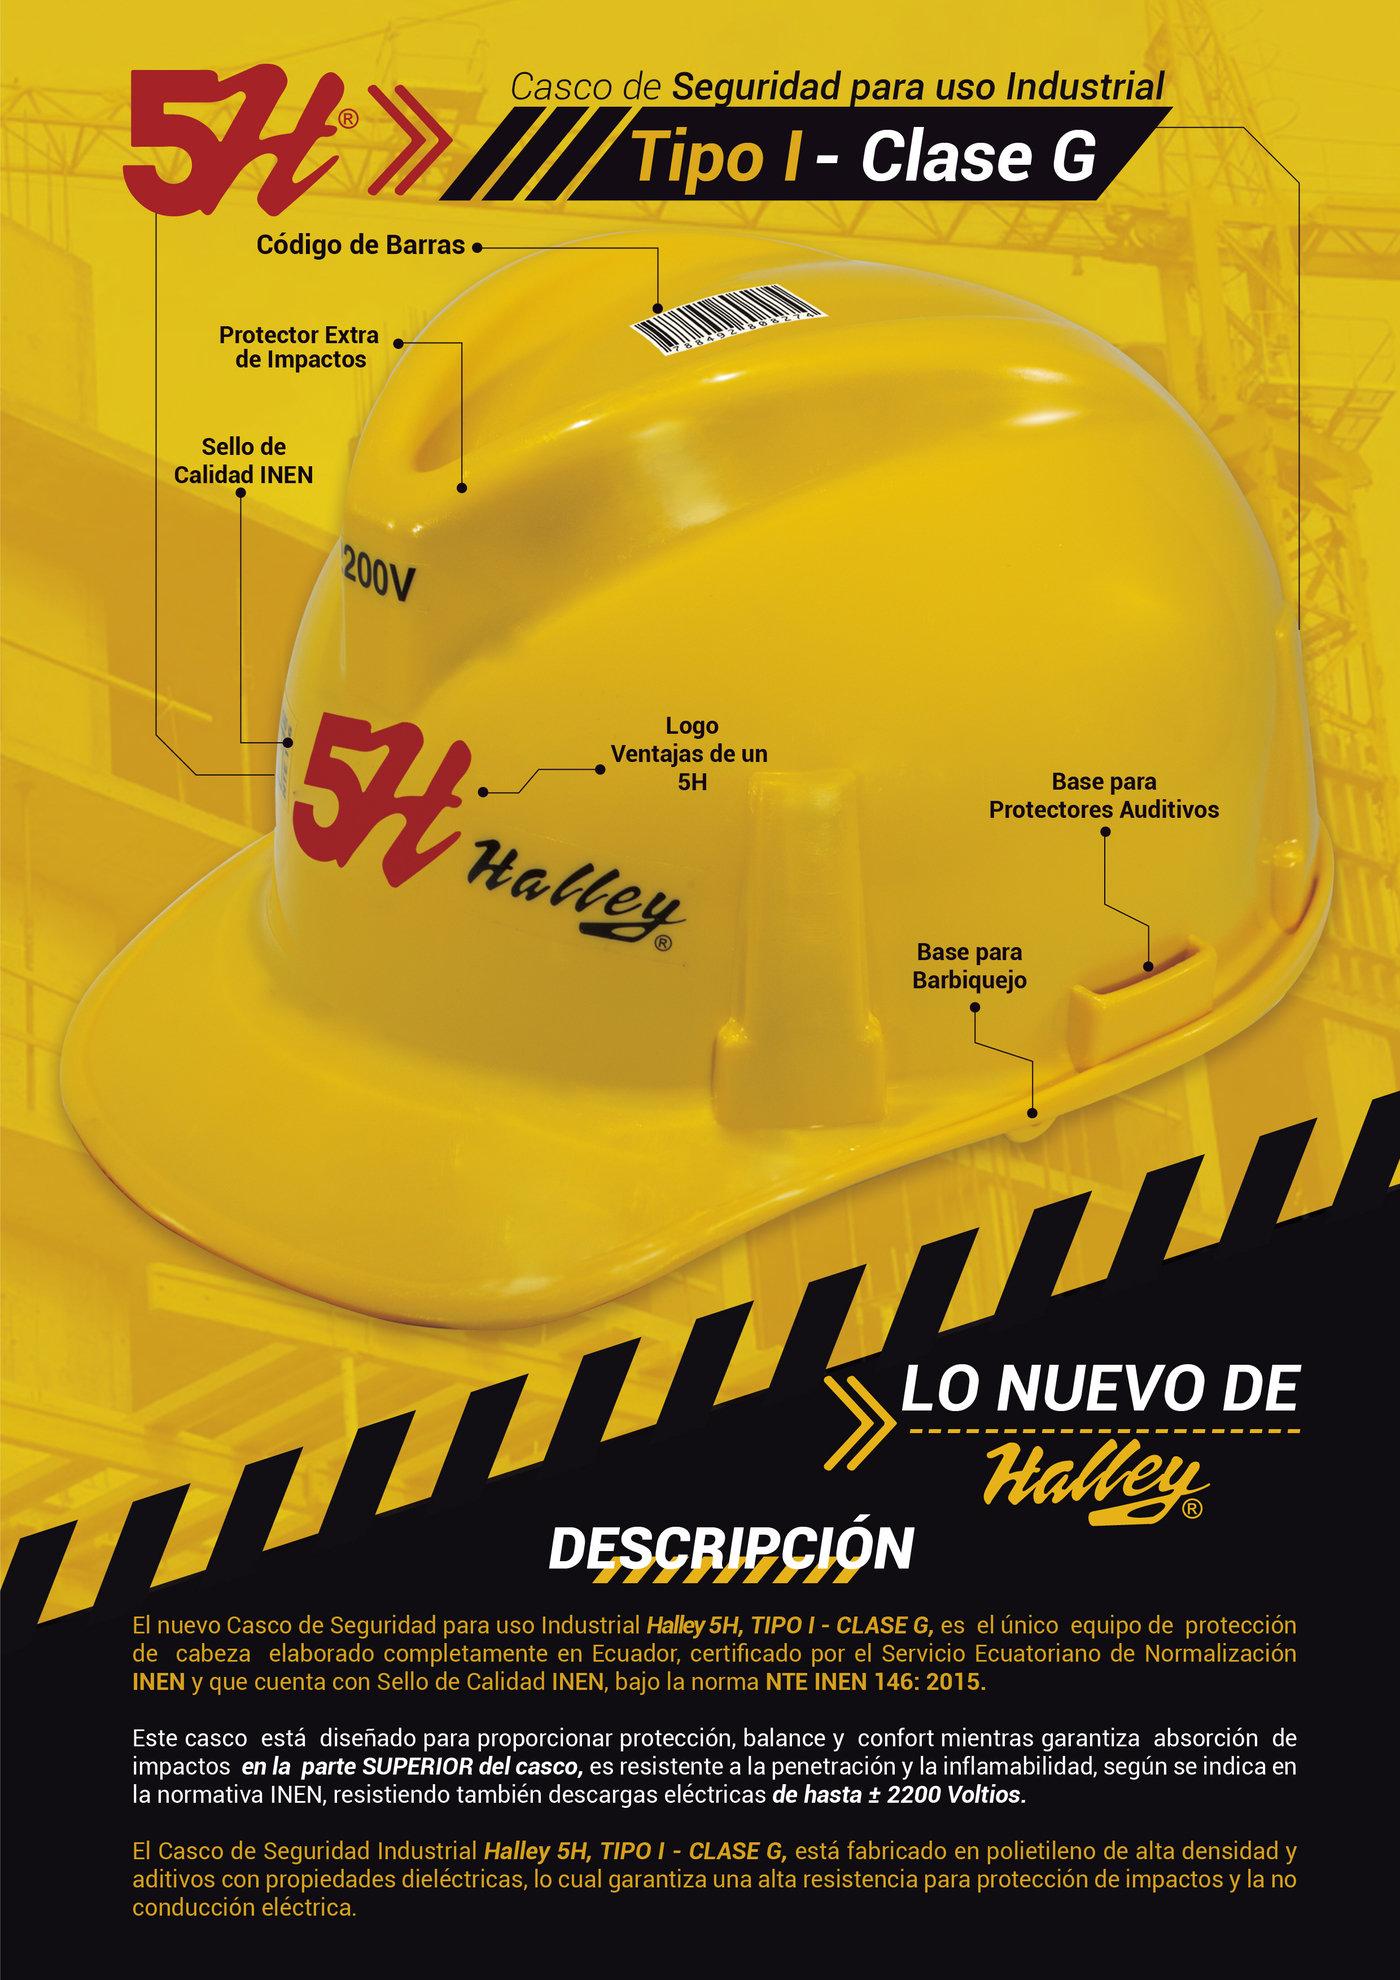 FICHA TCNICA CASCOS DE SEGURIDAD INDUSTRIAL by Bryan Castillo at Coroflotcom